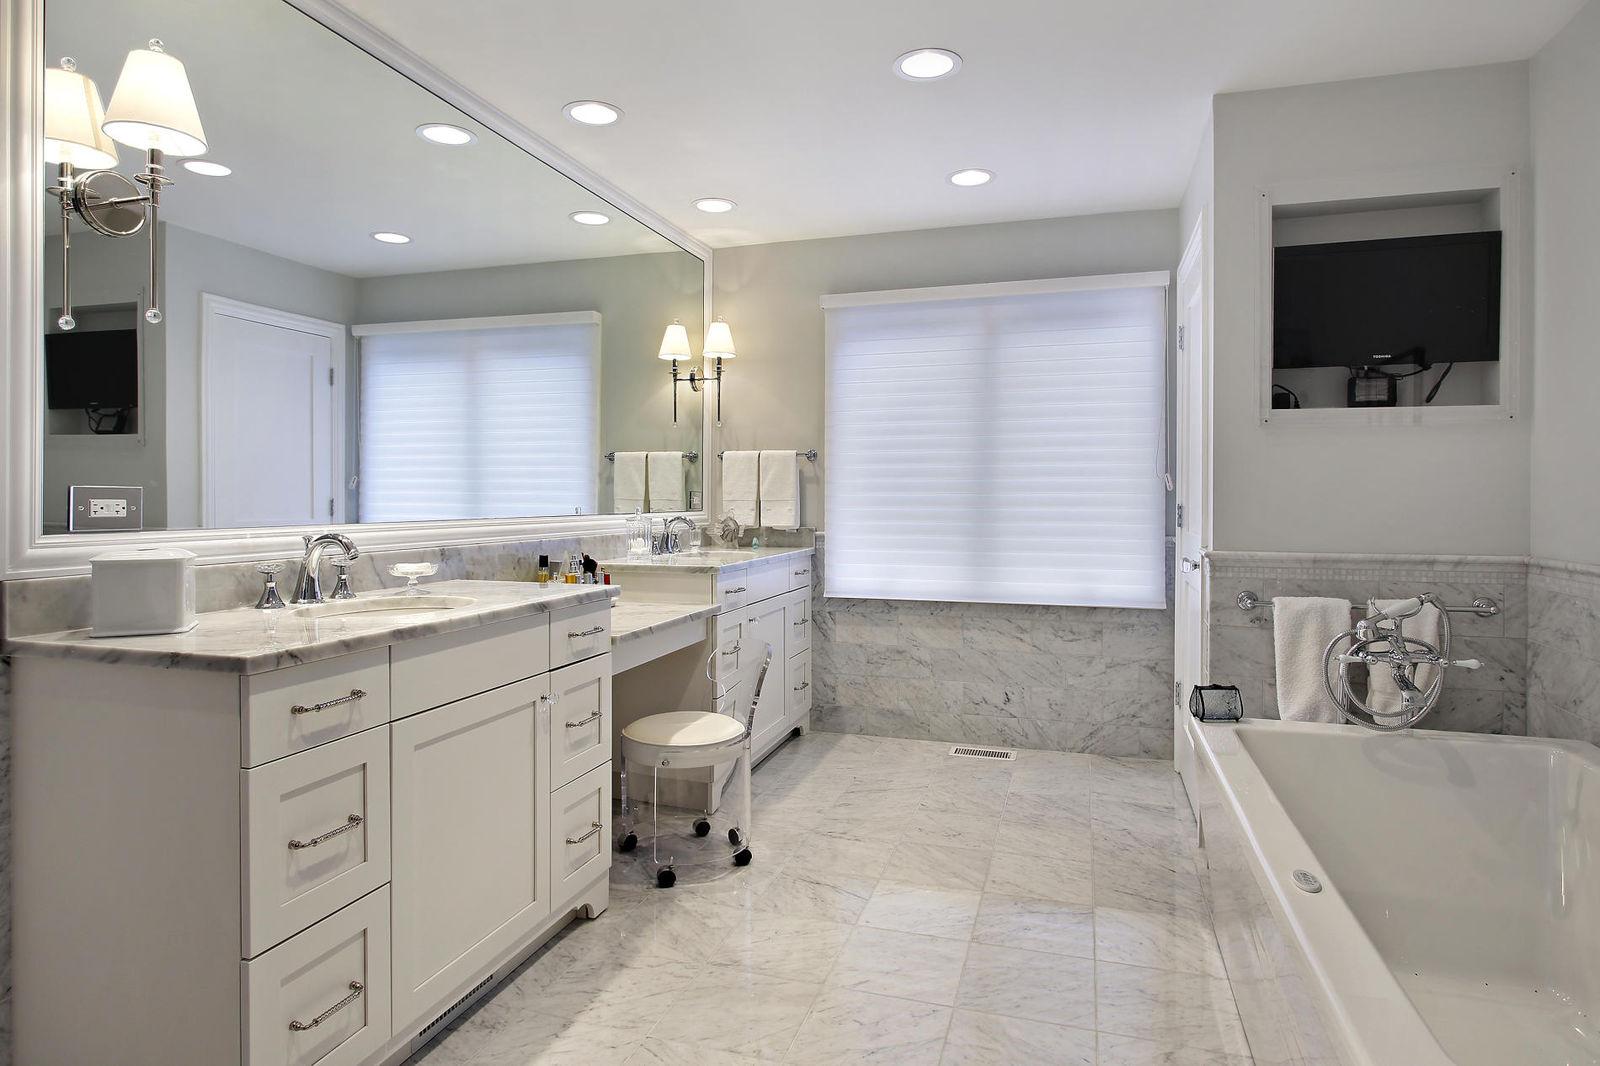 При желании можно совместить ванную с кабинетом, вписав в привычный интерьер рабочий стол, стулья, плазму